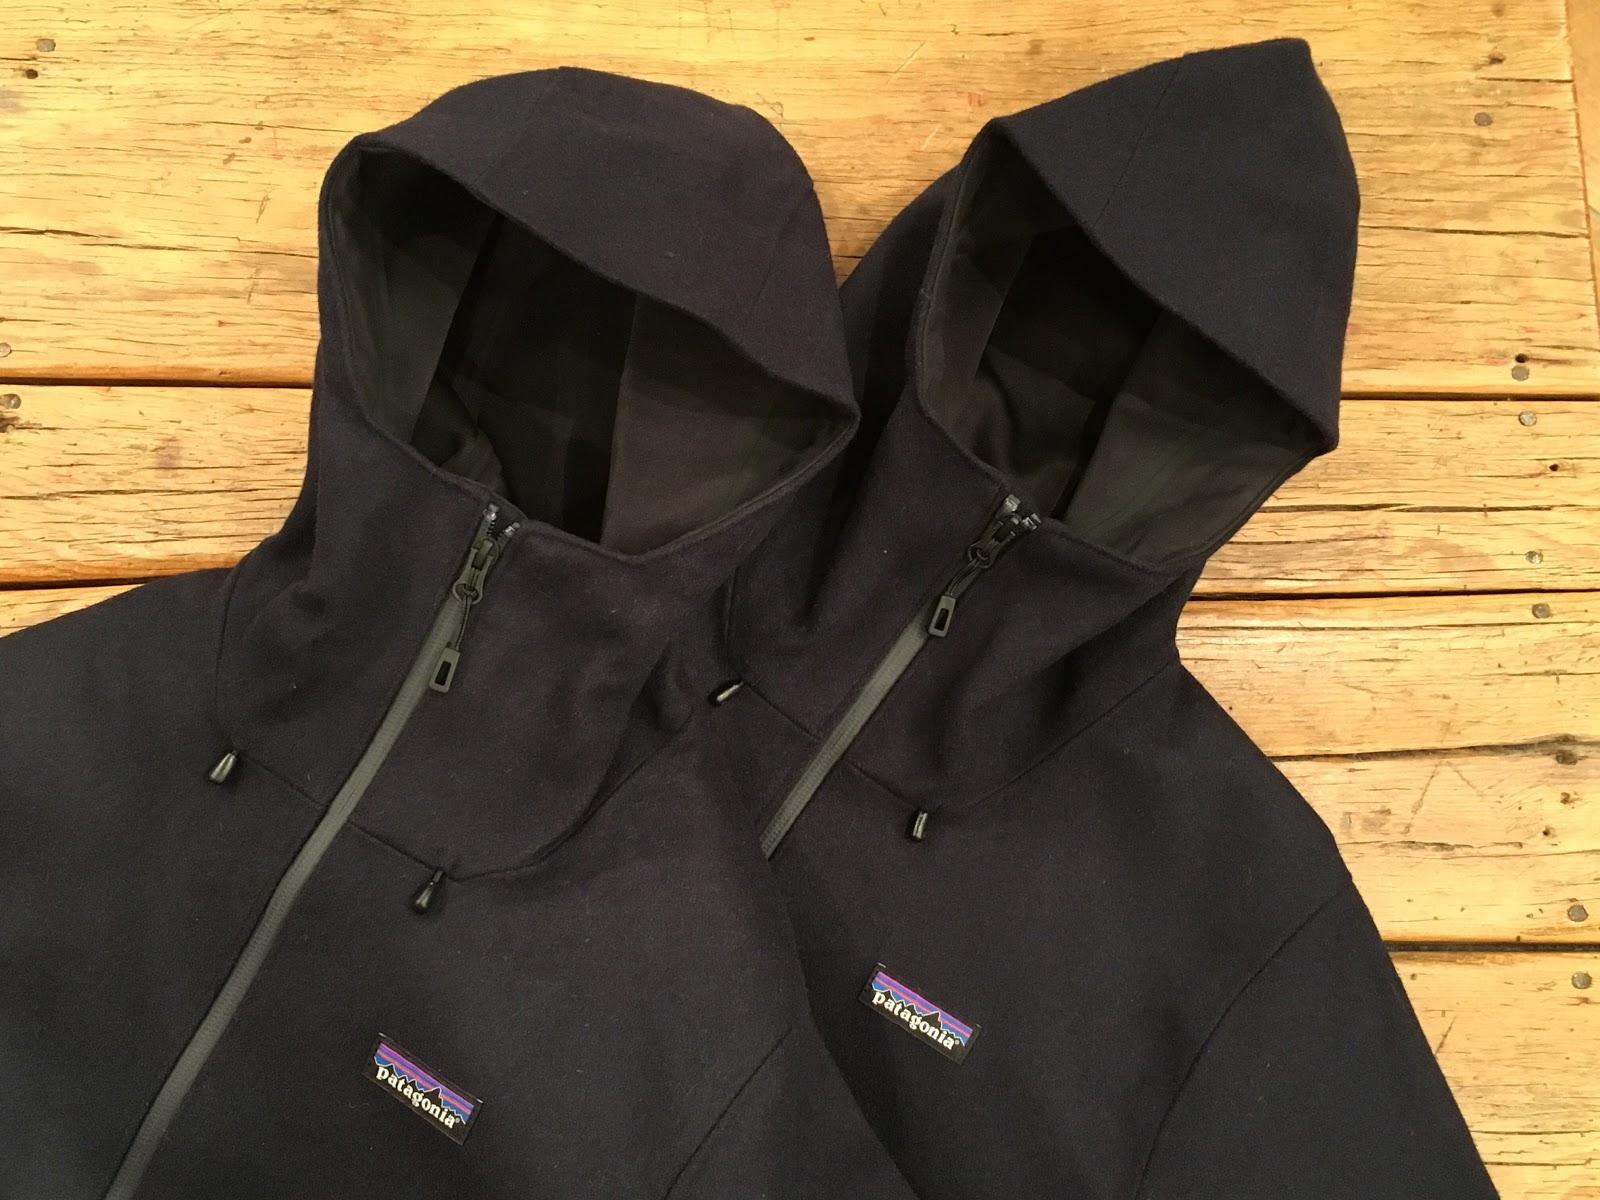 2989859b3 Annie Blue: 🇺🇸 patagonia 🇺🇸 Recycled Wool Jacket 🇺🇸